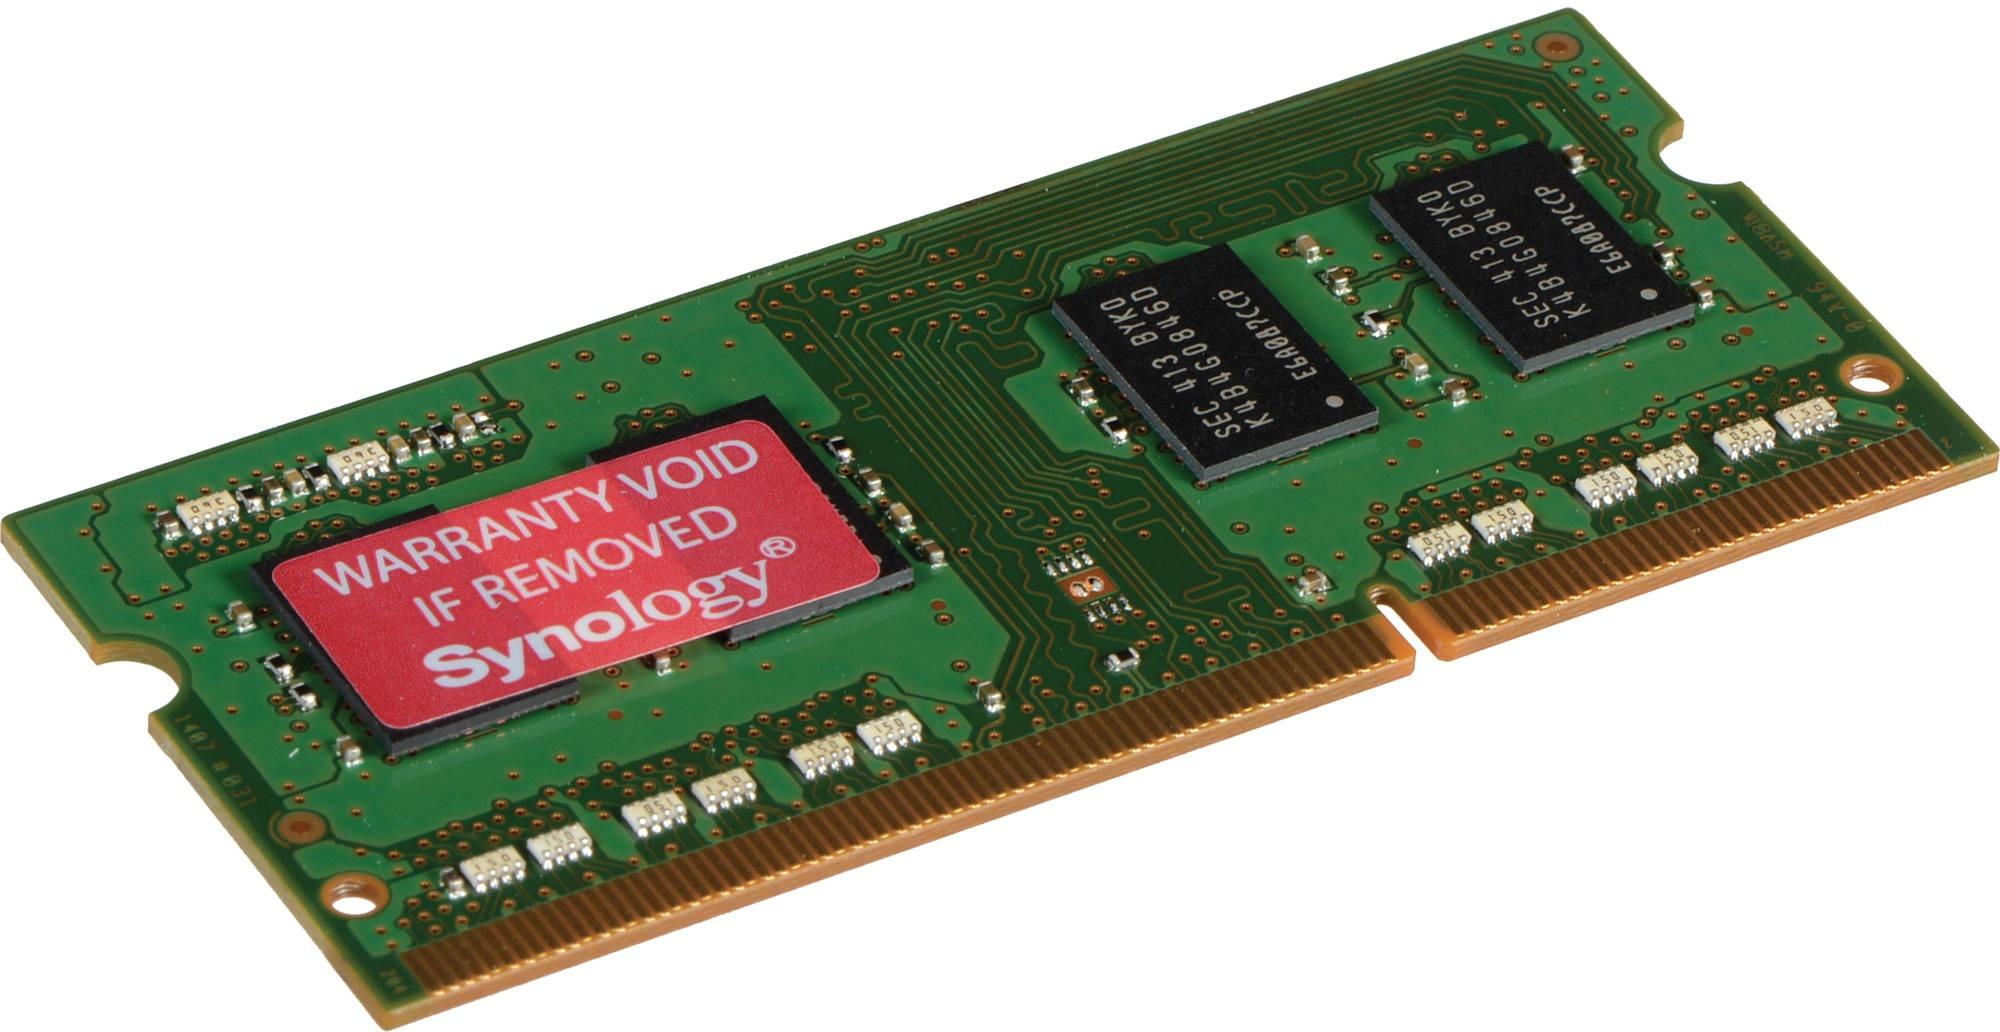 Synology 16GB DDR4 2133MHz ECC geheugenmodule voor €189,99 @ Mycom